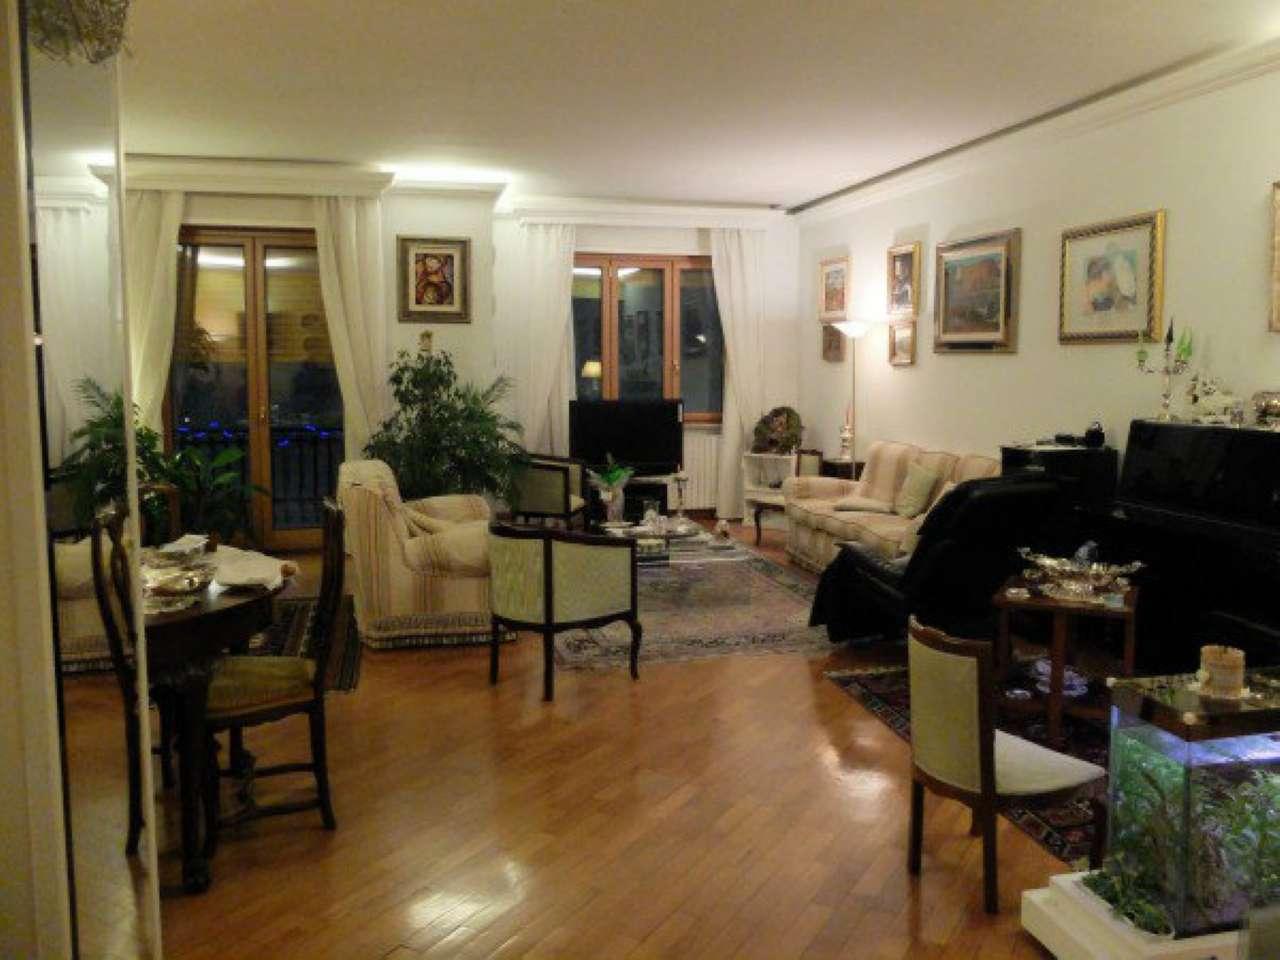 Appartamento in vendita a Campobasso, 9999 locali, Trattative riservate | Cambio Casa.it